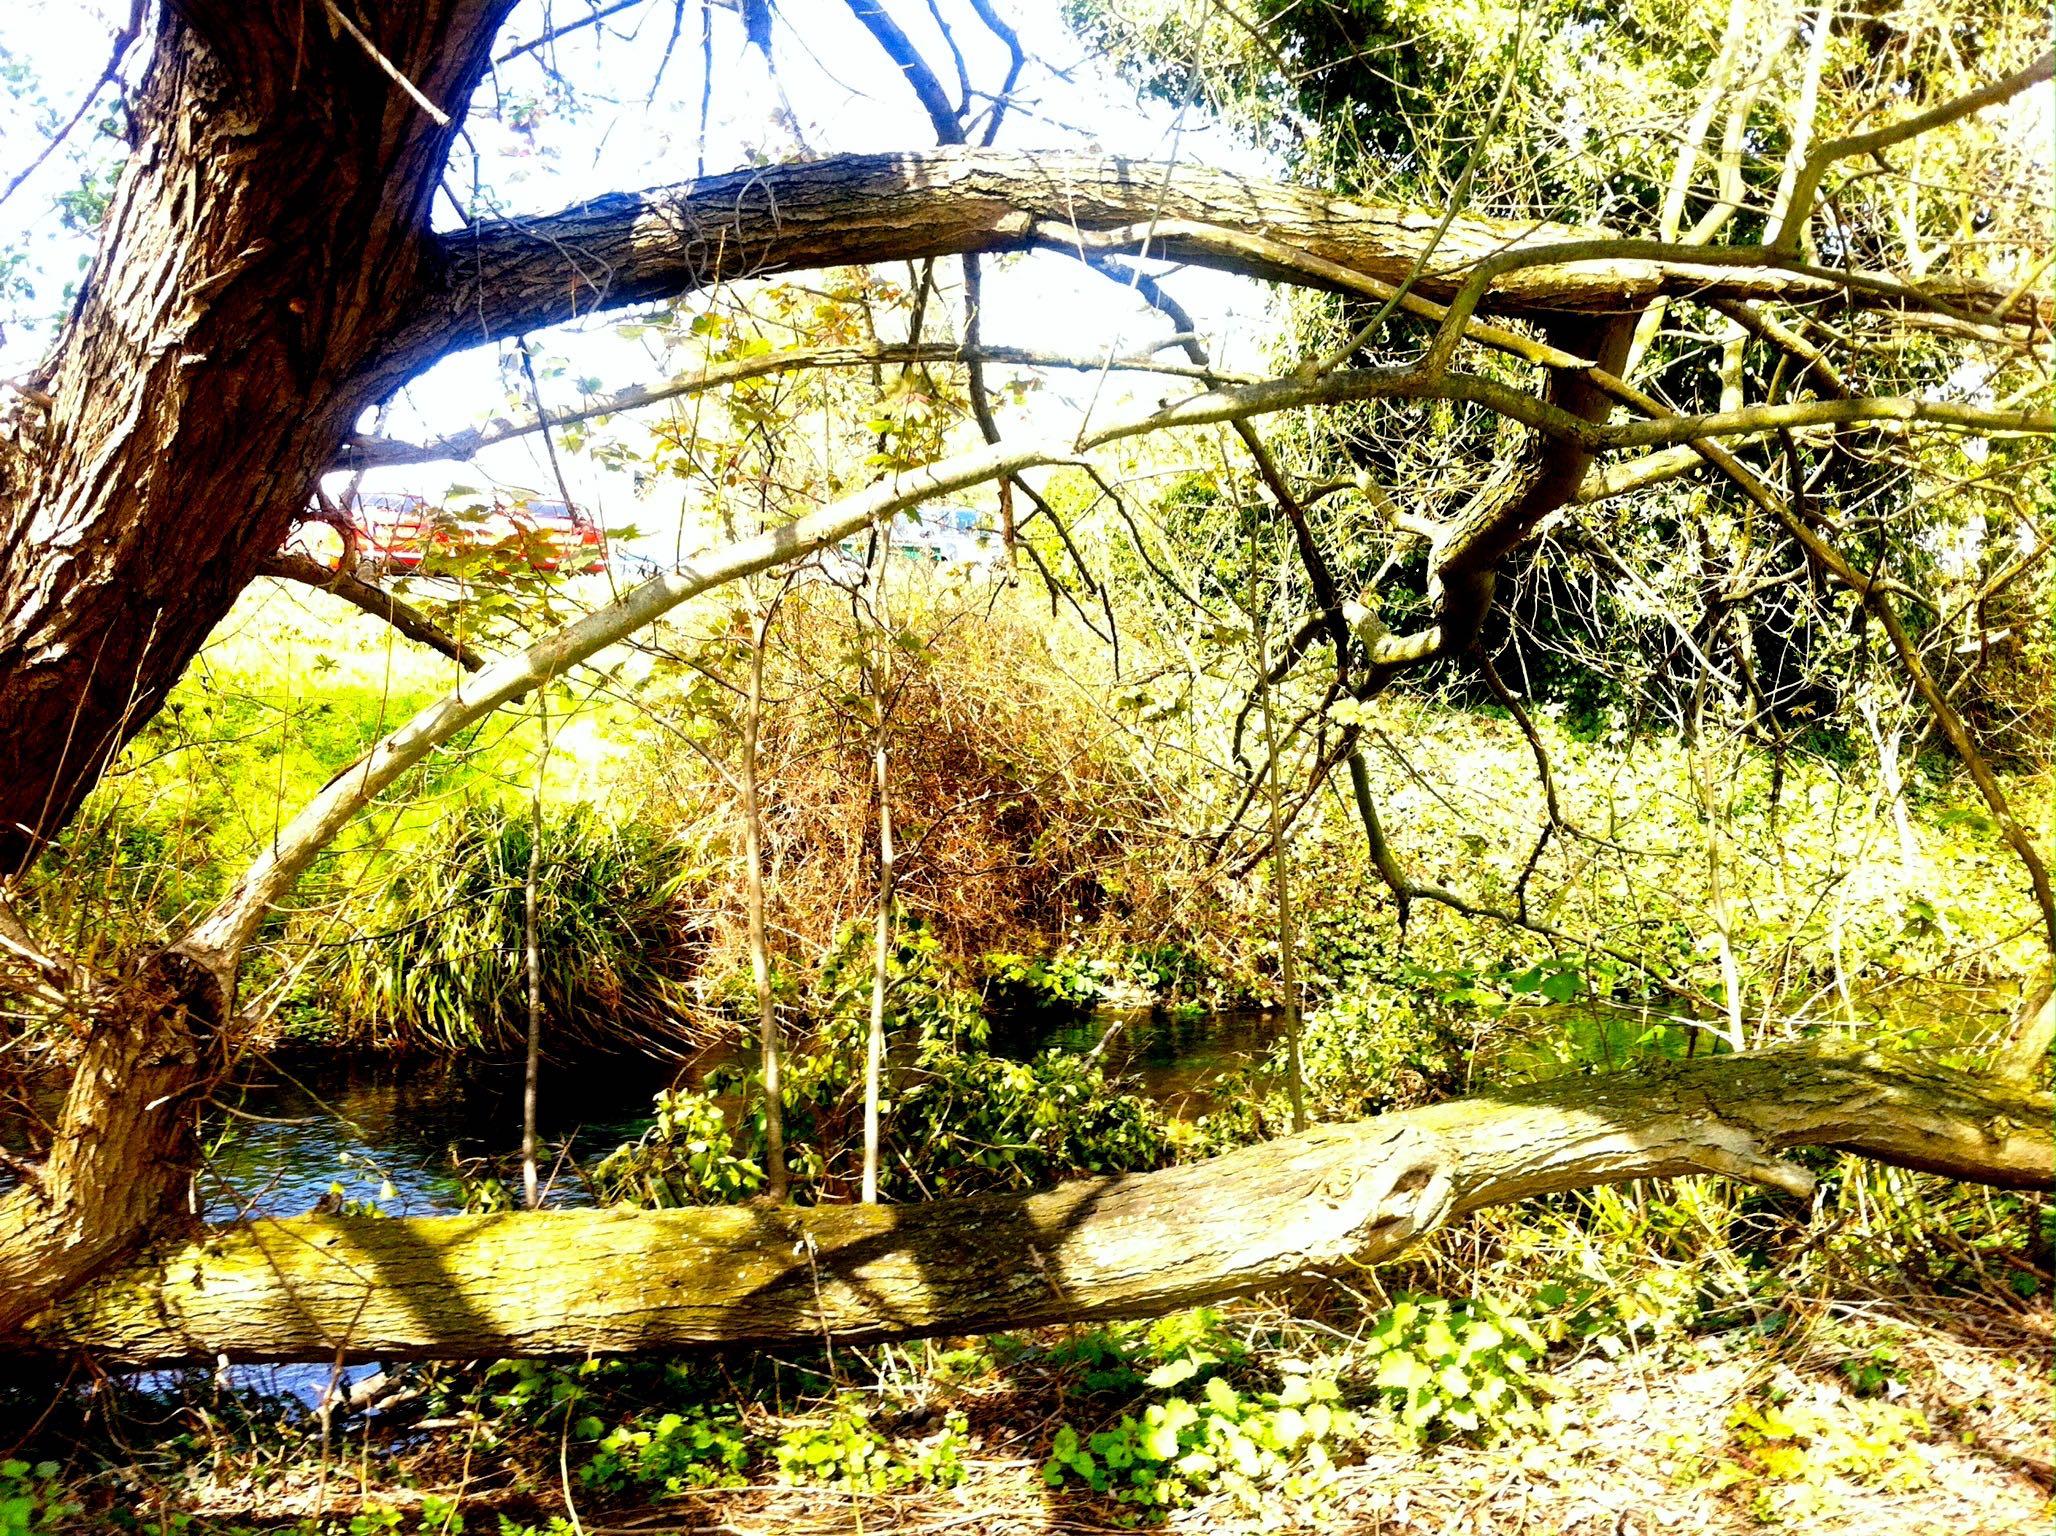 river setting